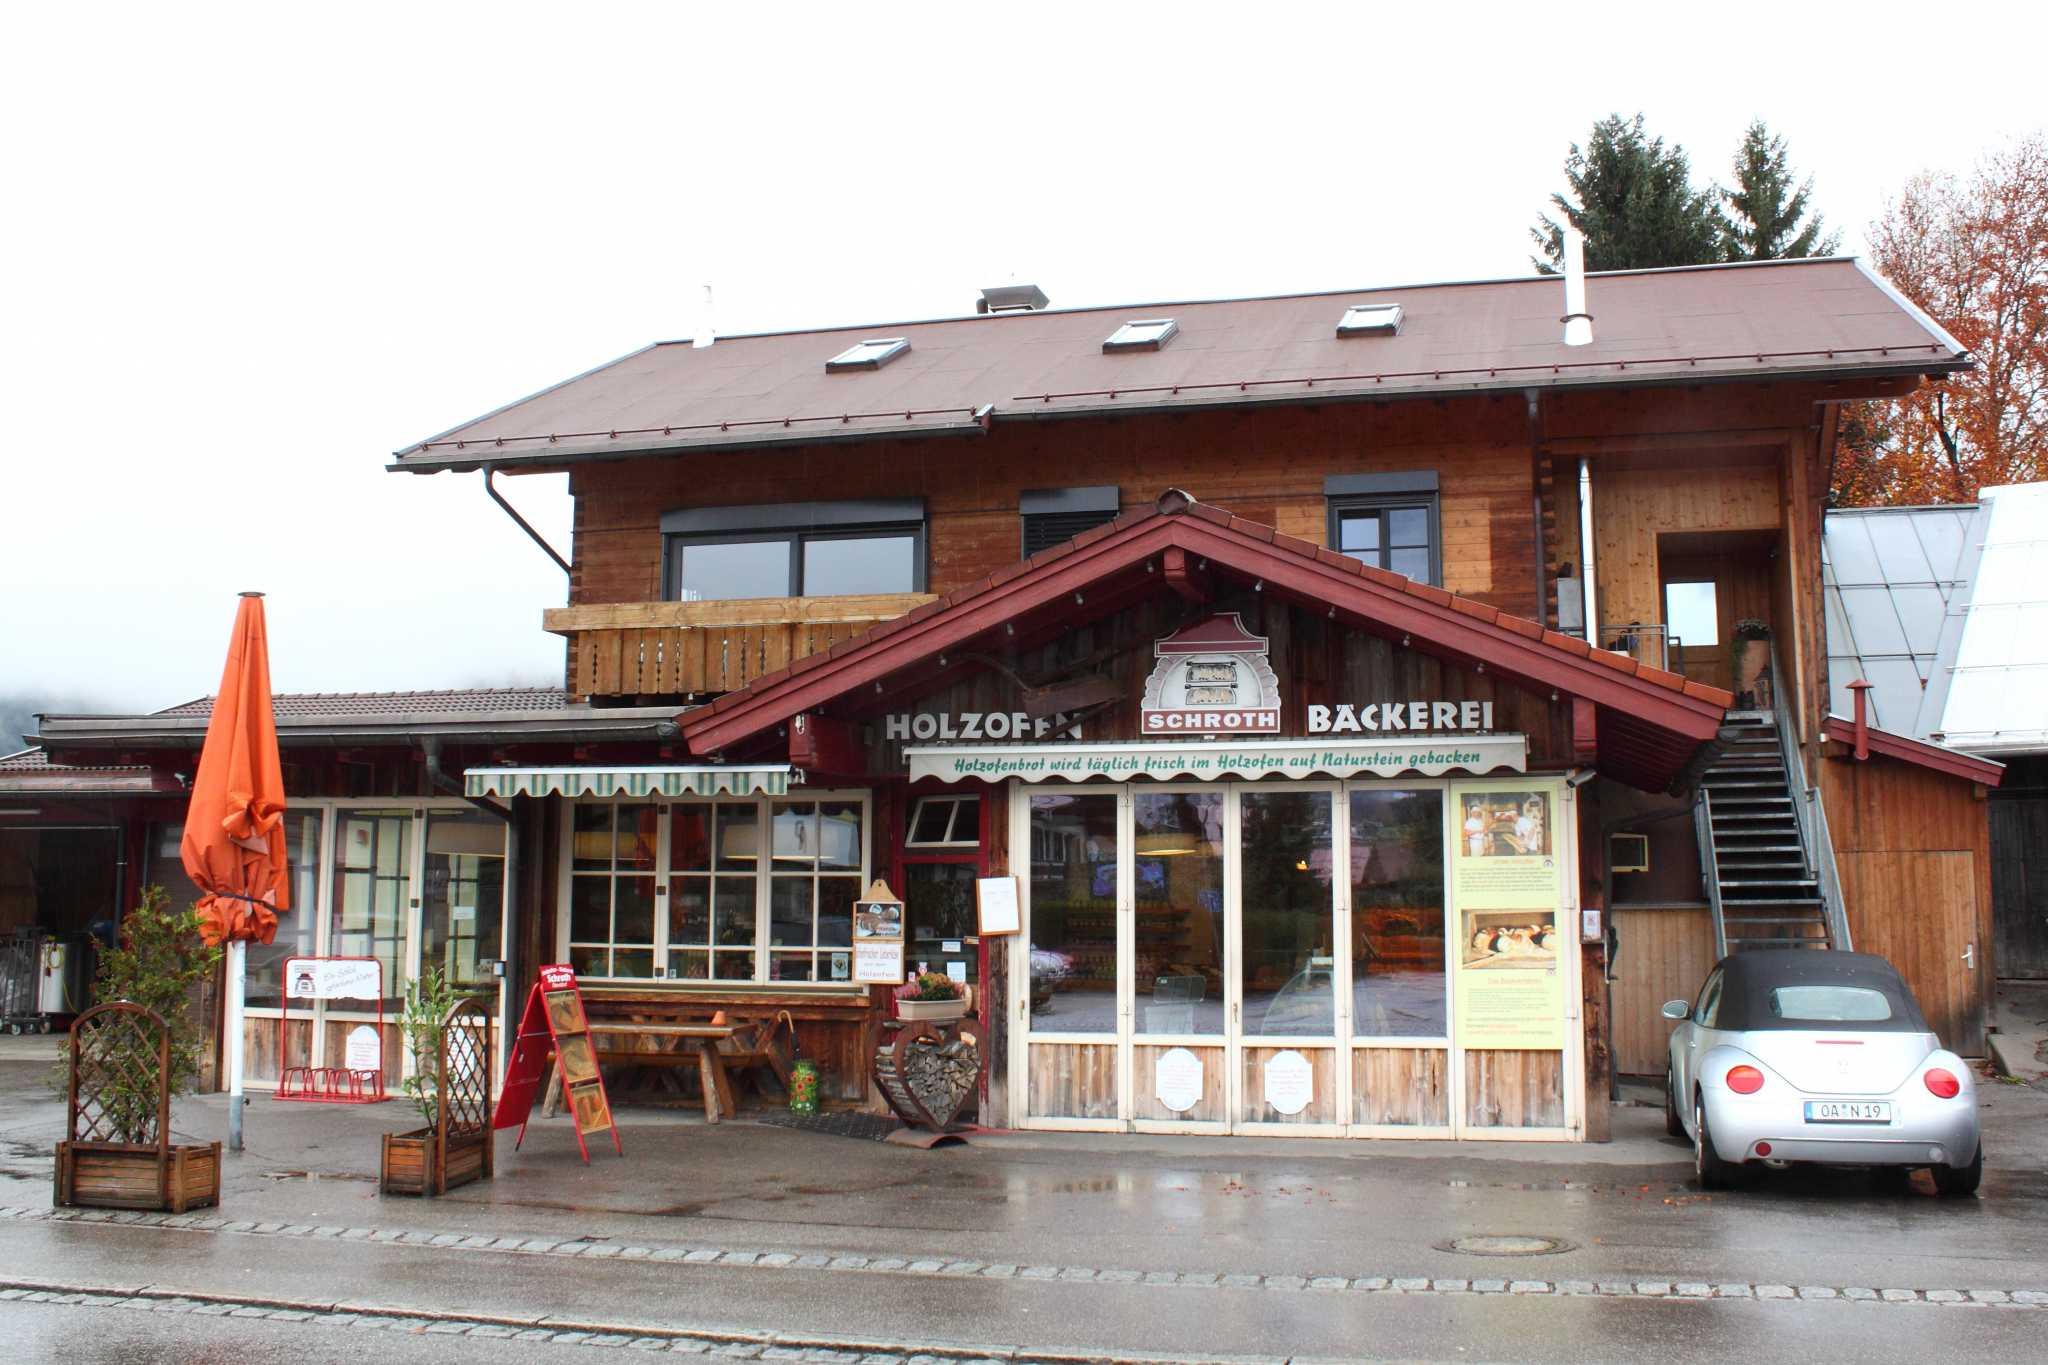 Holzofenbäckerei Schroth GmbH